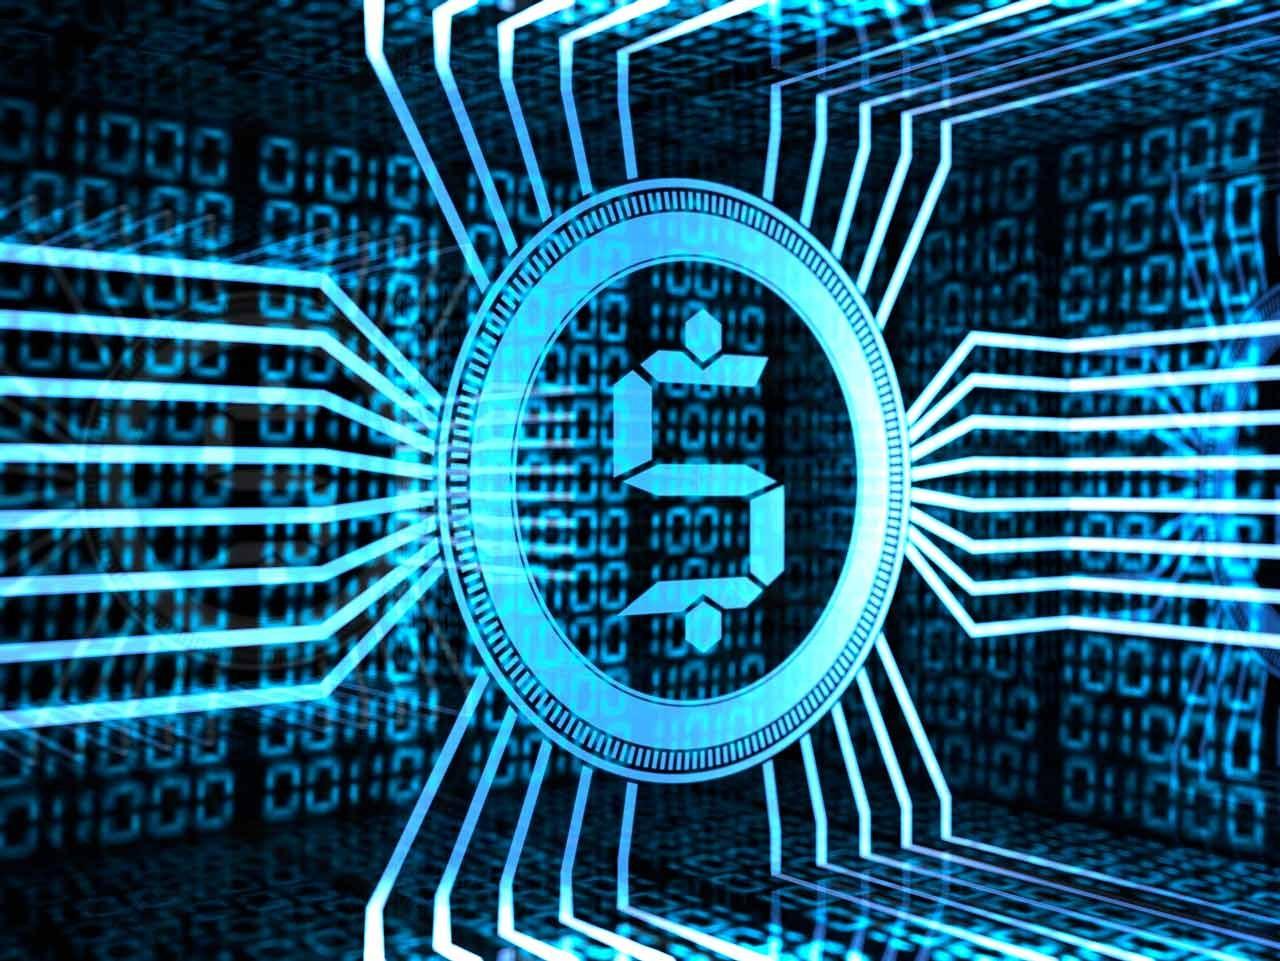 Специалисты Group-IB подчеркнули рост хакерских атак накриптовалюту